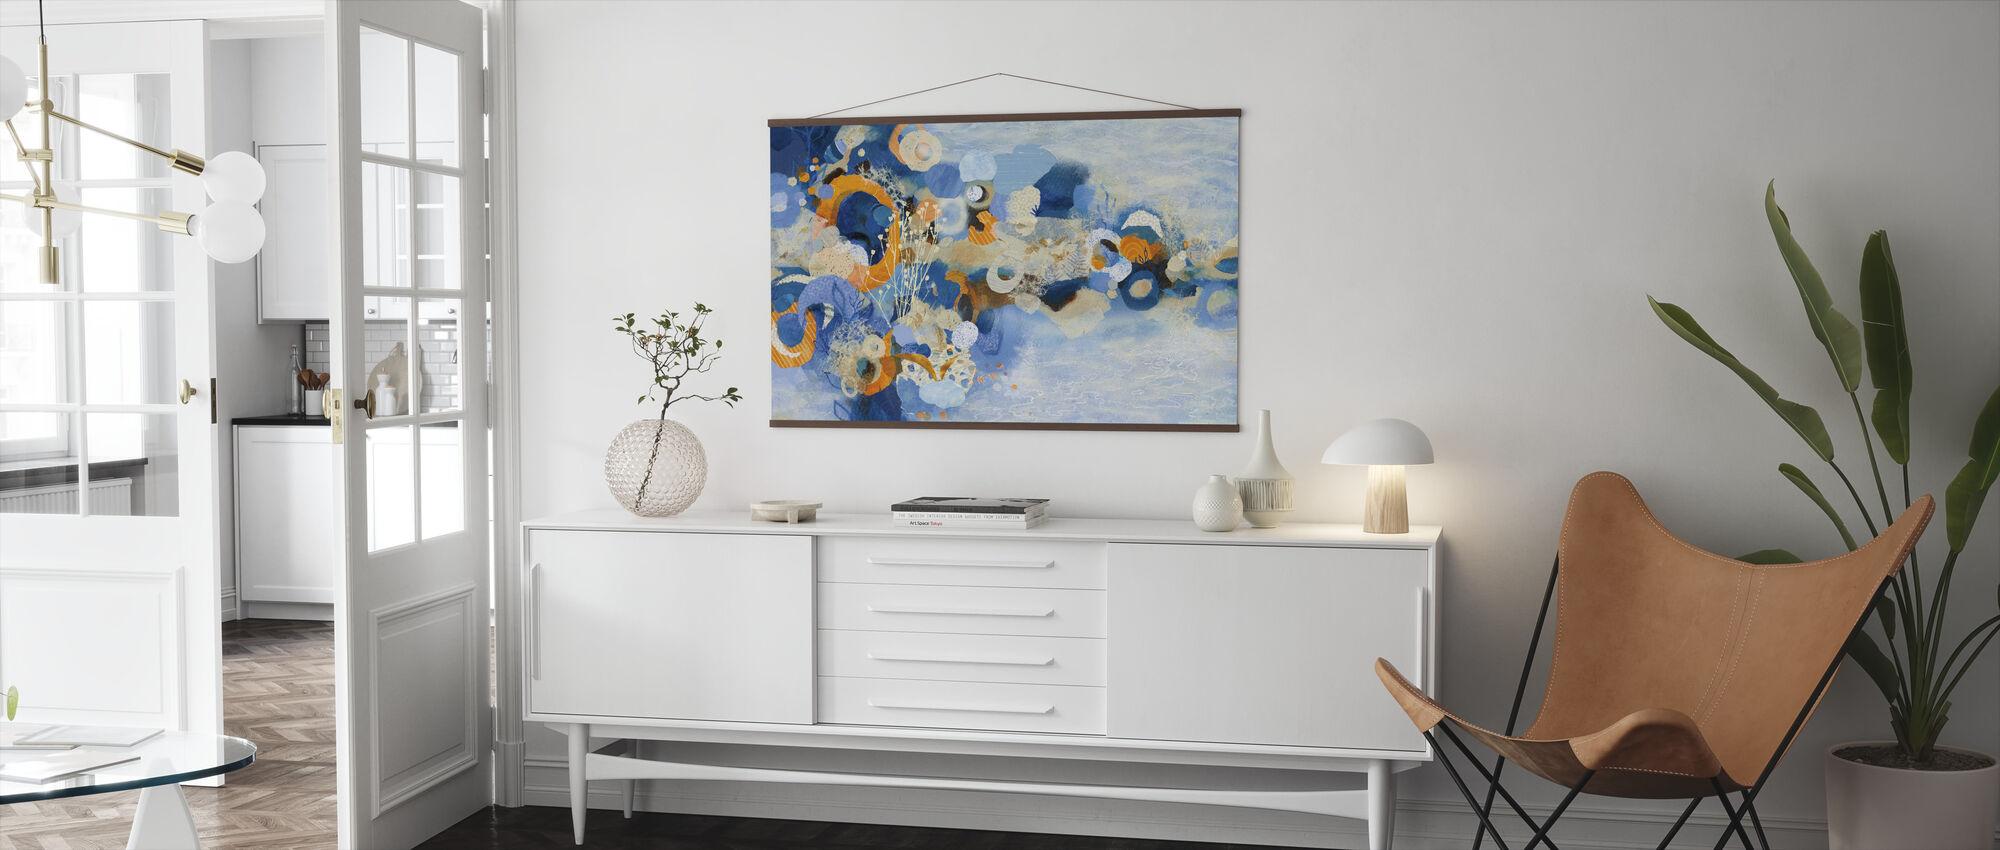 Nantucket Summer - Poster - Living Room